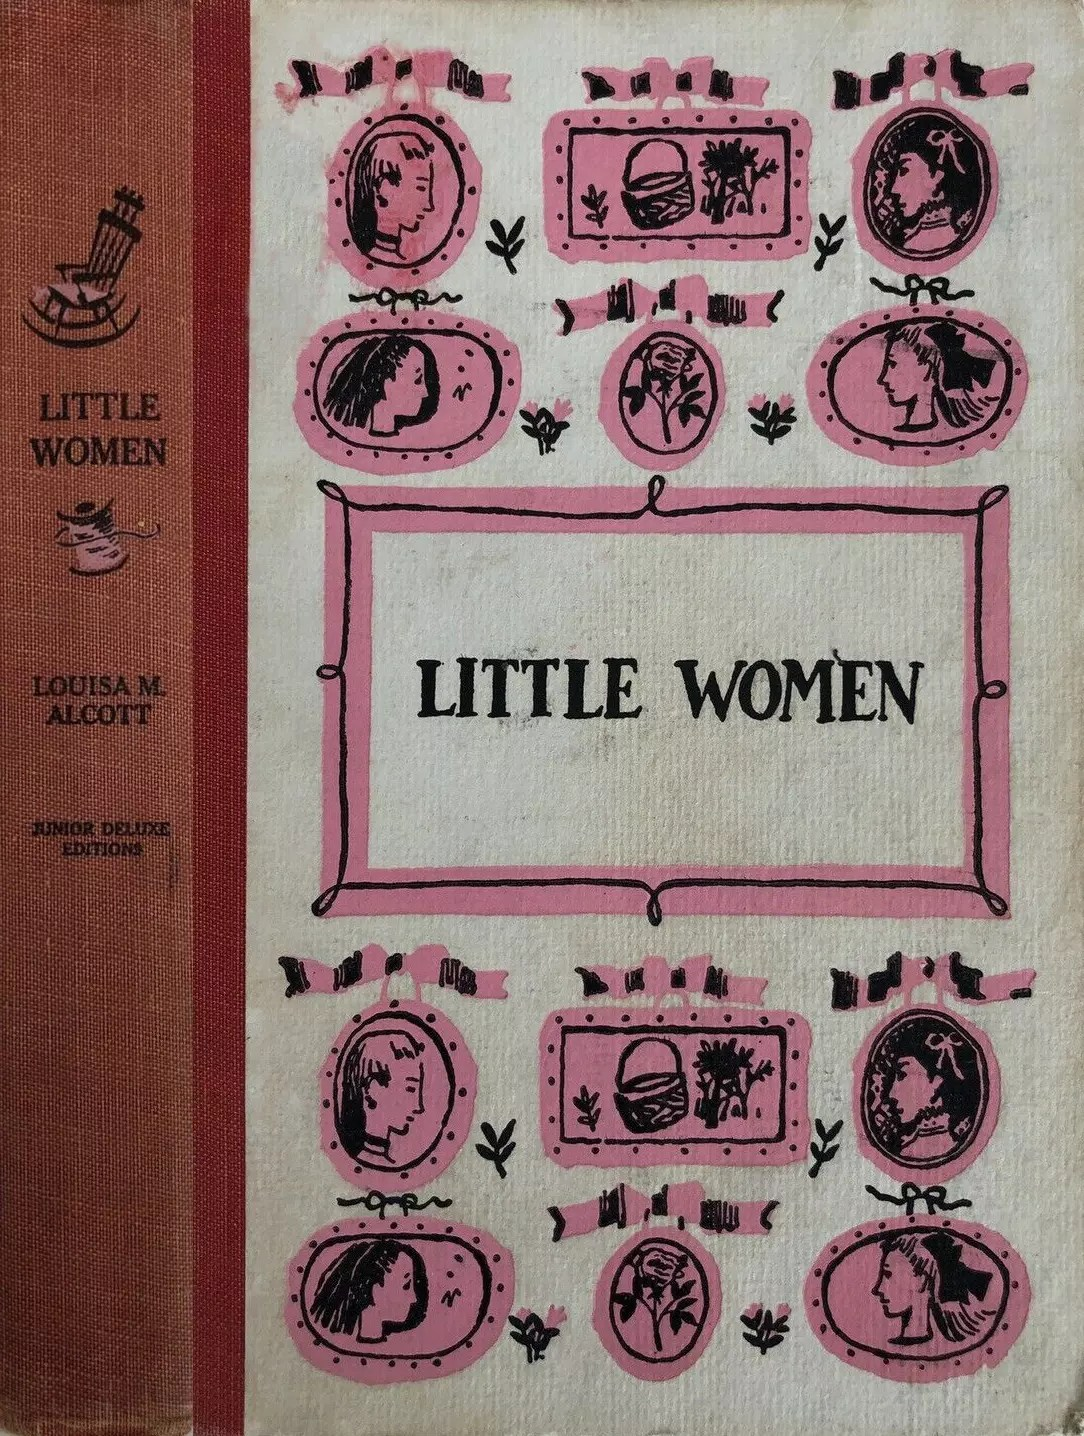 JDE Little Women FULL red cover